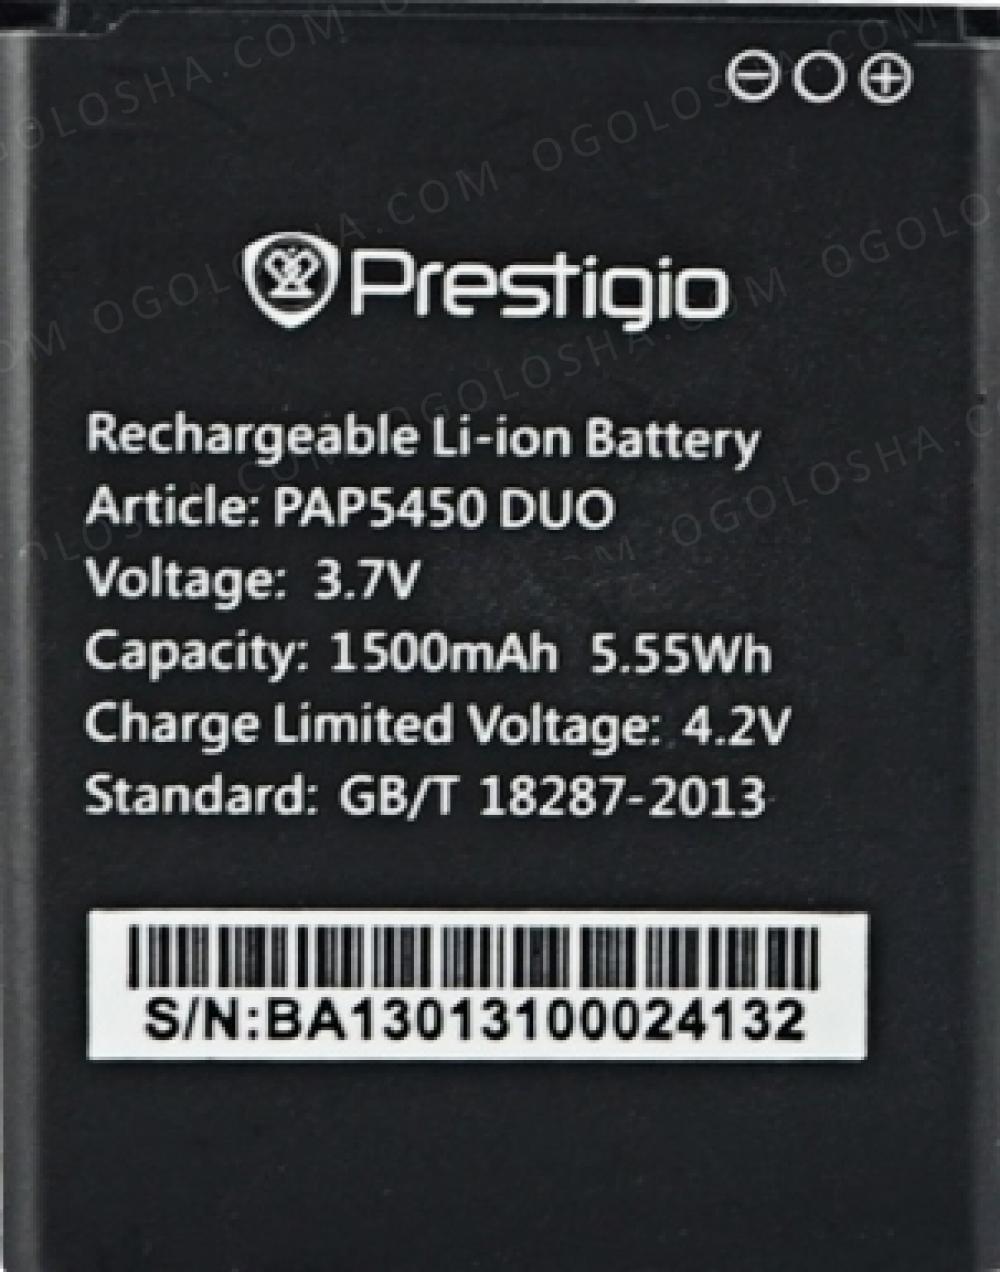 Prestigio 5450 (PAP5450DUO) 1500mAh Li-ion